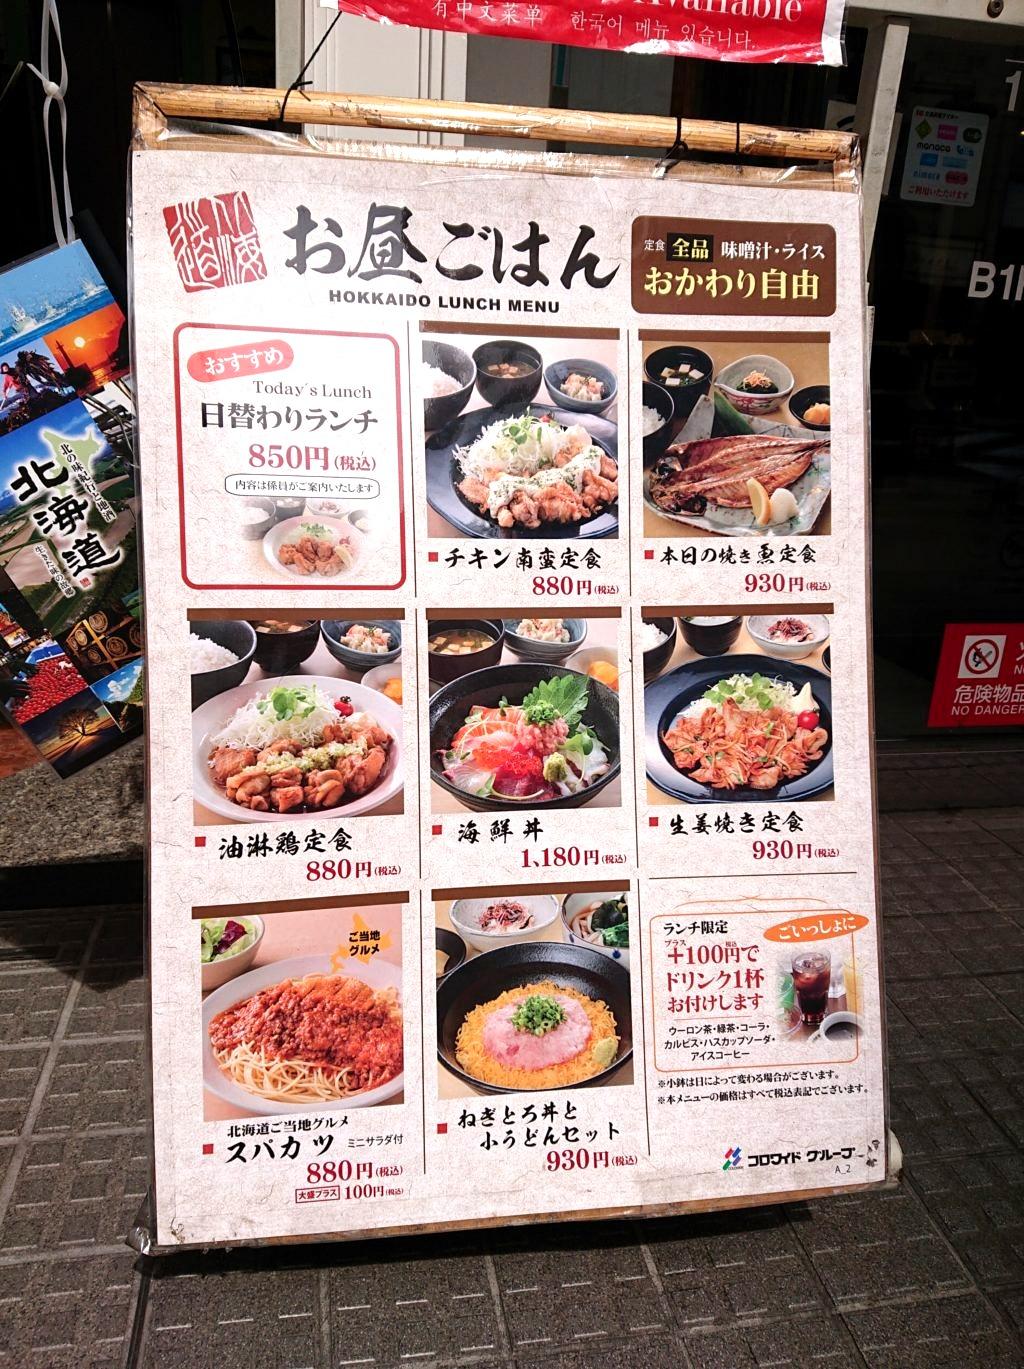 北海道 新宿新宿東口店お昼ご飯メニュー